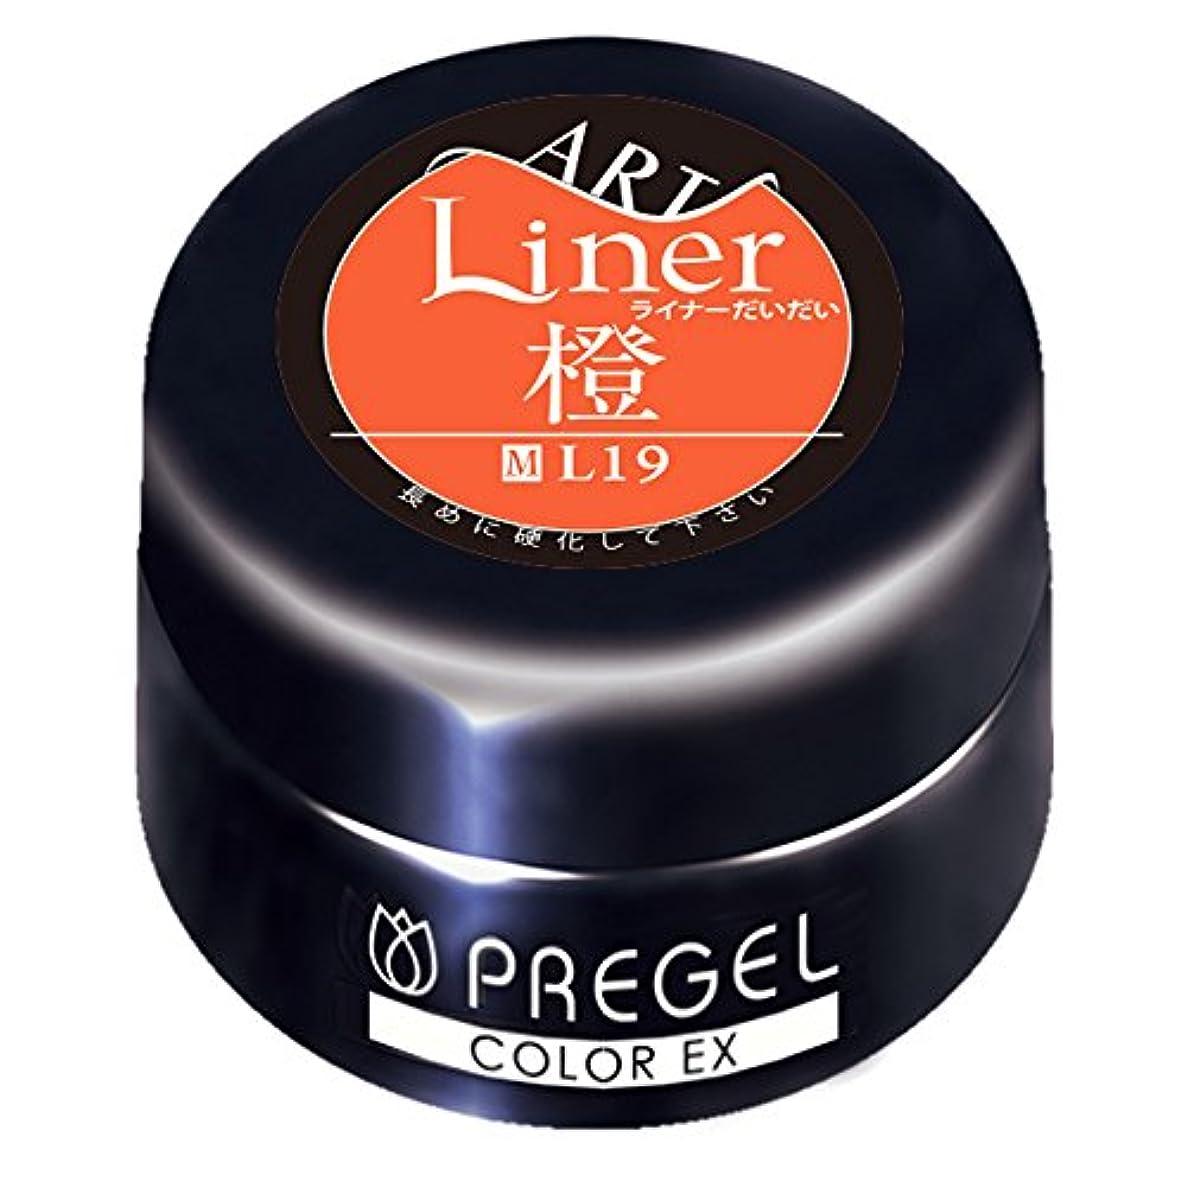 眠いです通知する平衡PRE GEL カラーEX ライナー橙19 4g UV/LED対応